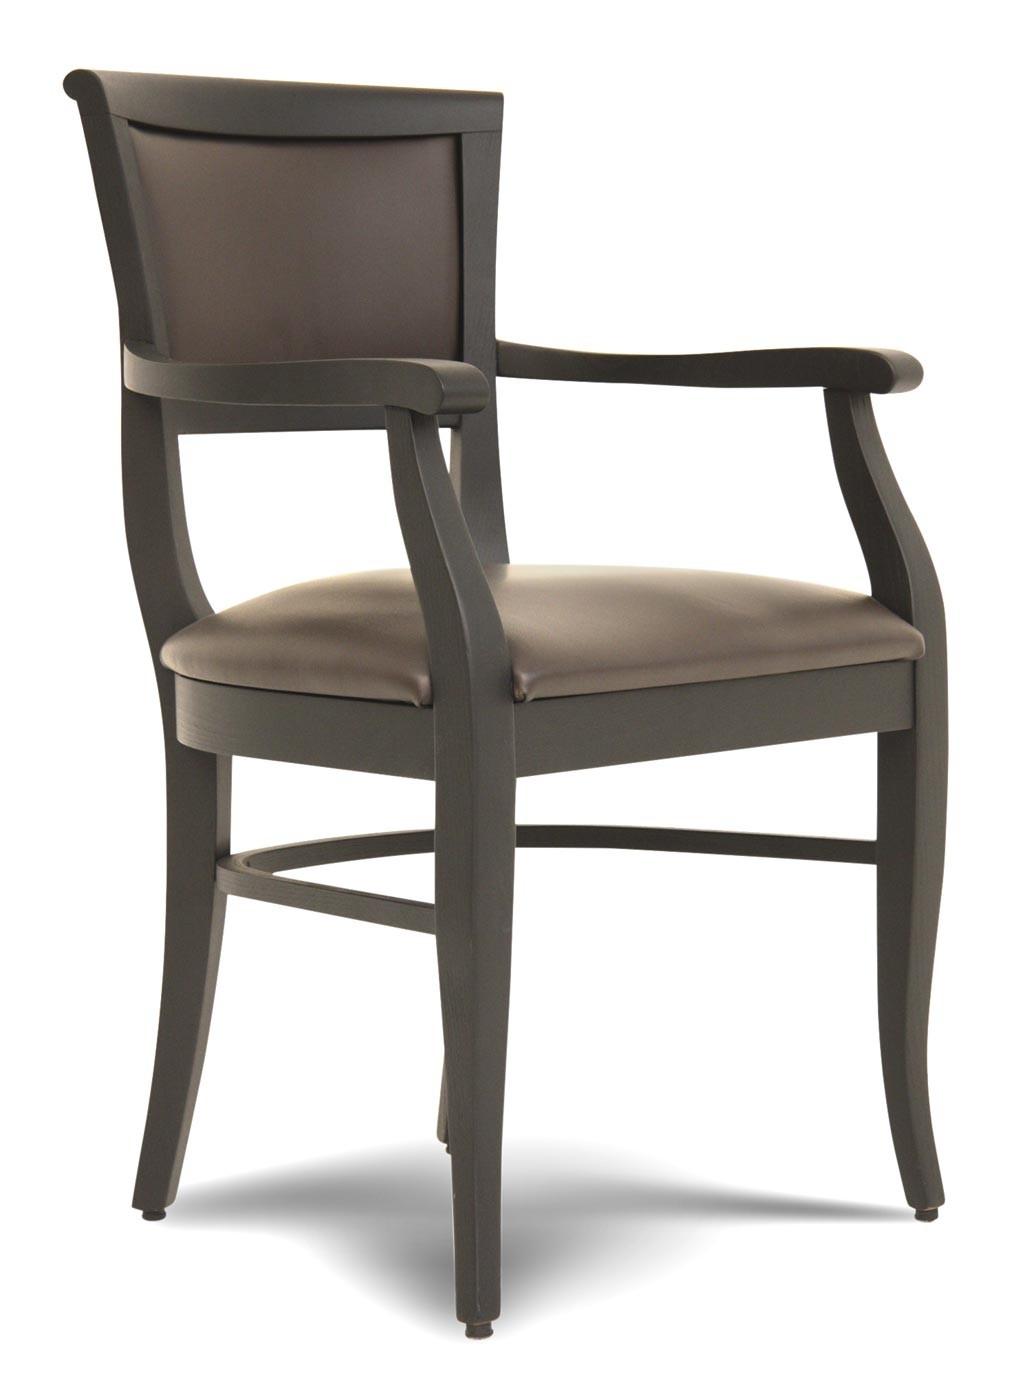 zandstralen-van-stoel-na.jpg